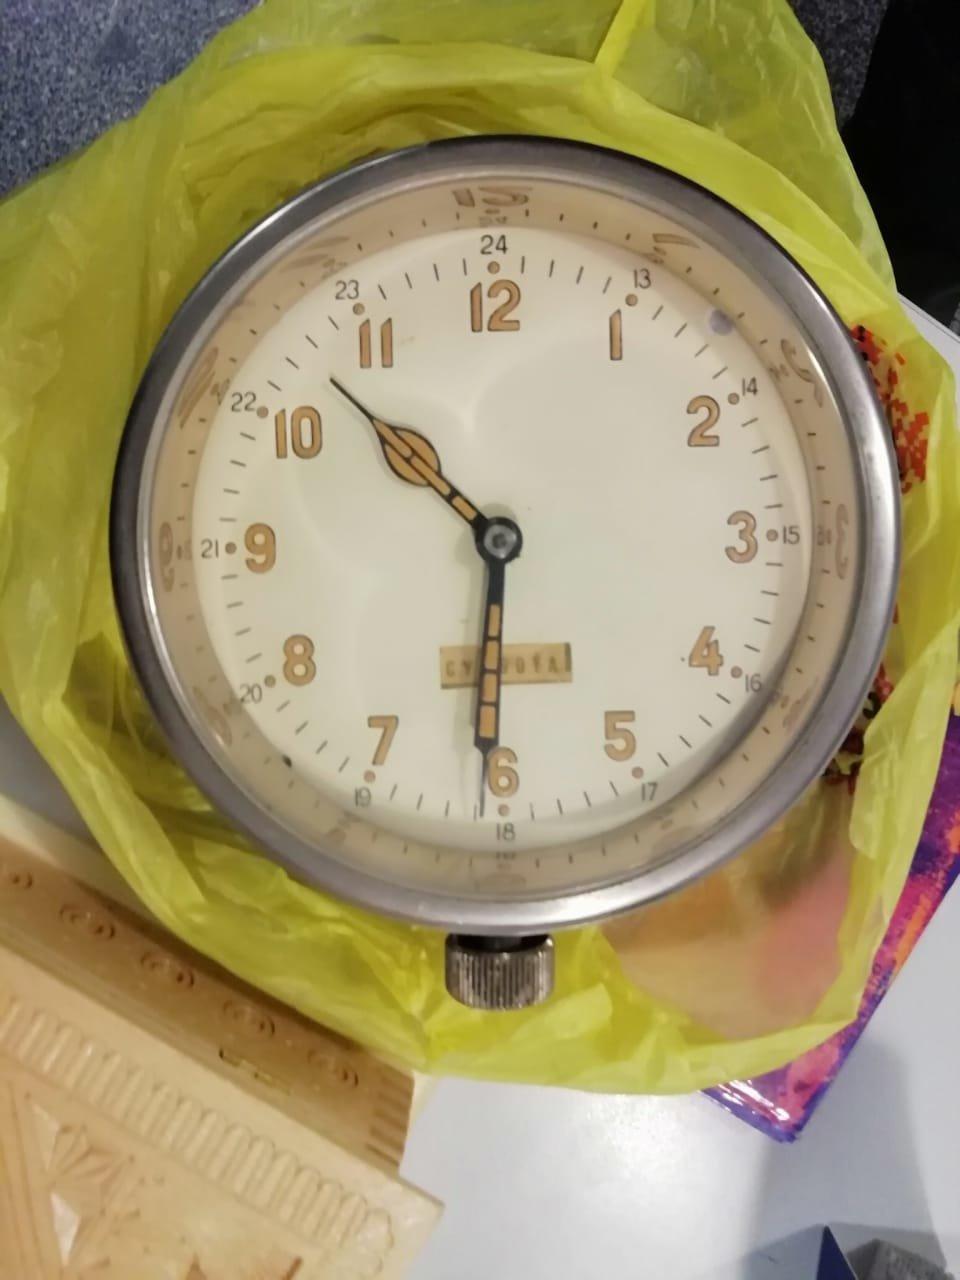 Выше нормы в 10 раз: в аэропорту ″Борисполь″ у иностранца обнаружили радиоактивные часы, фото-1